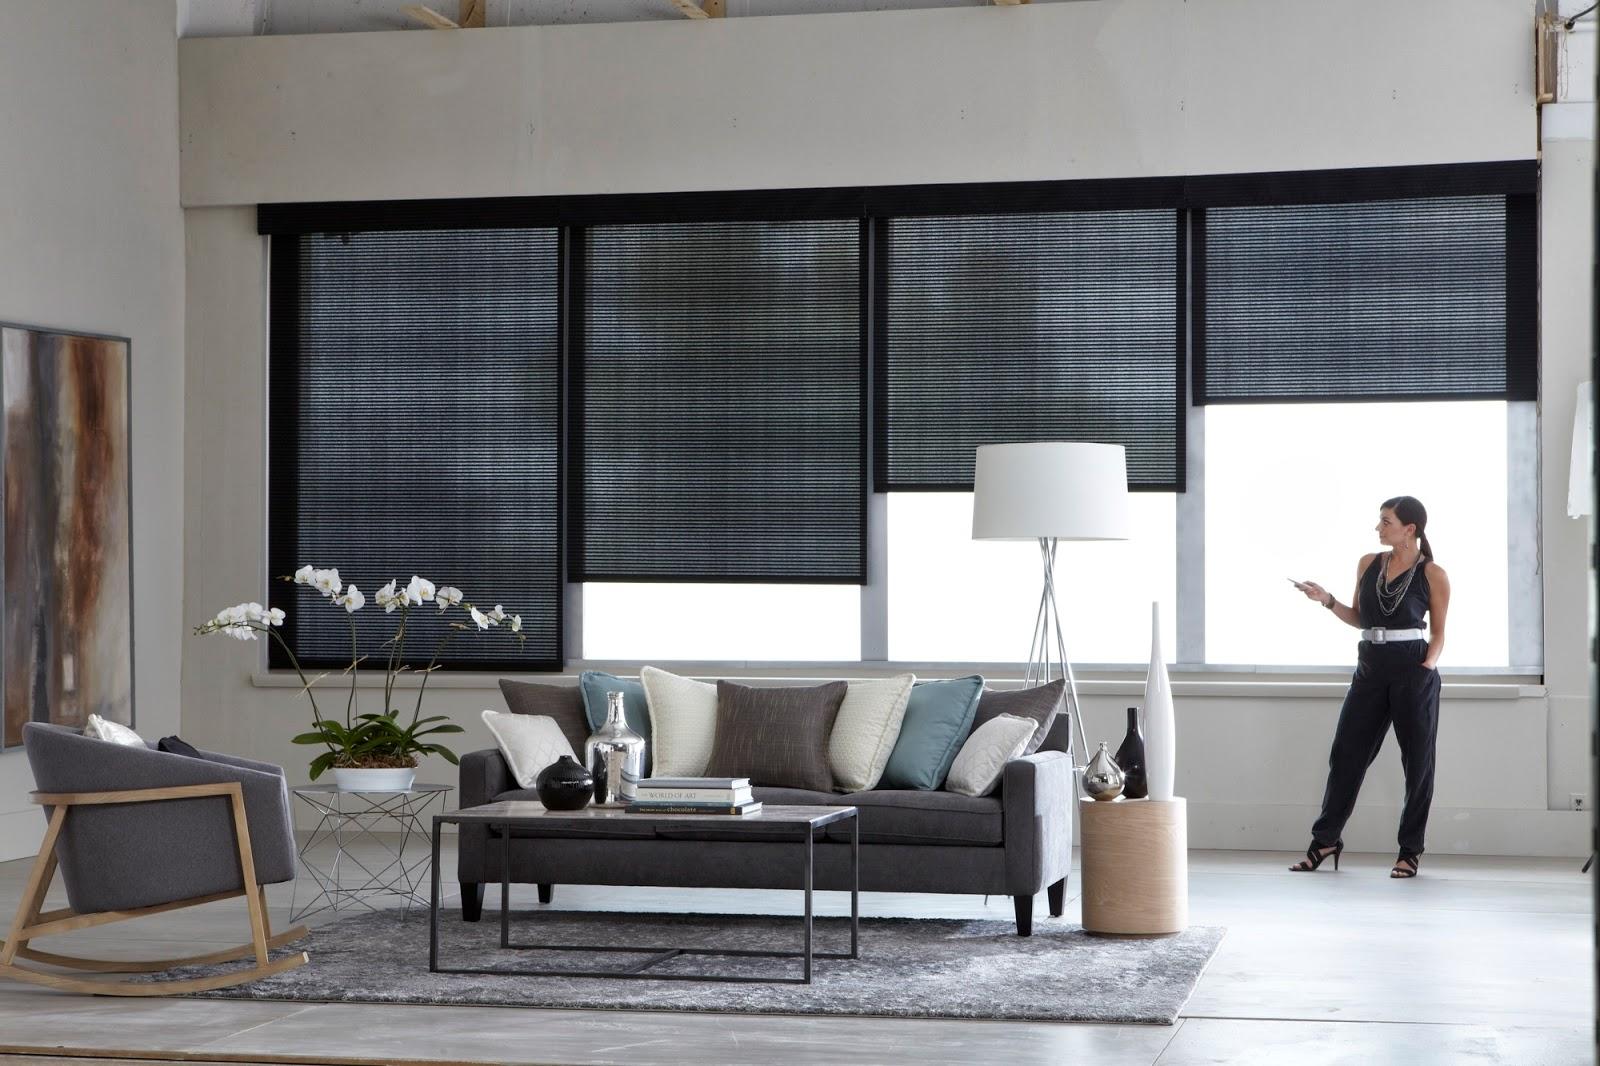 motorized solar blinds for sale